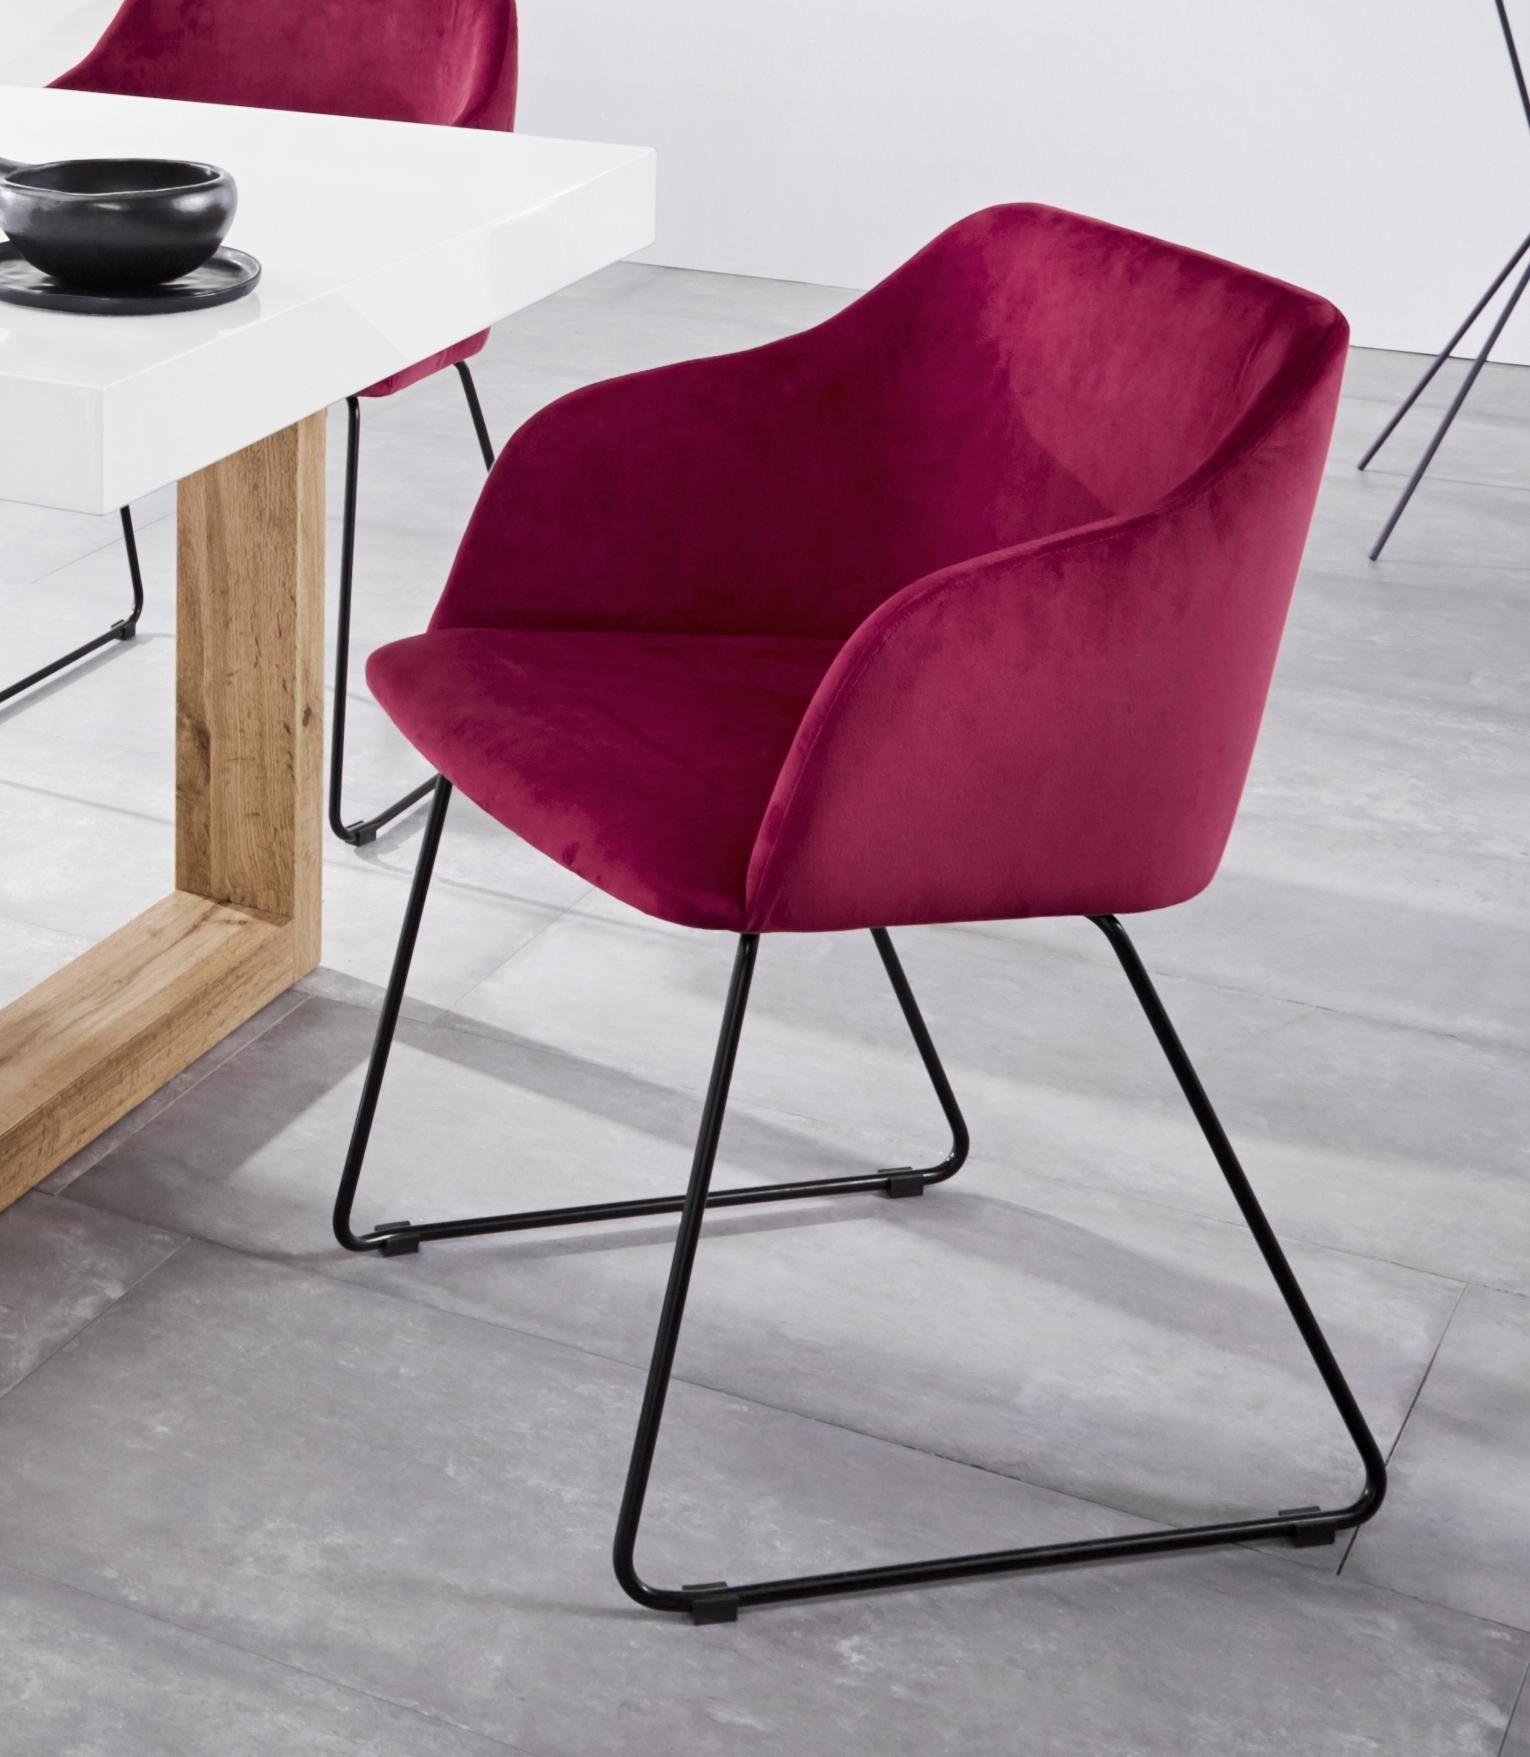 INOSIGN Stuhl »Fosco« 2er Set, aus schönem weichen Velvetbezug, mit schwarzen Metallgestell, Sitzhöhe 47 cm online kaufen | OTTO